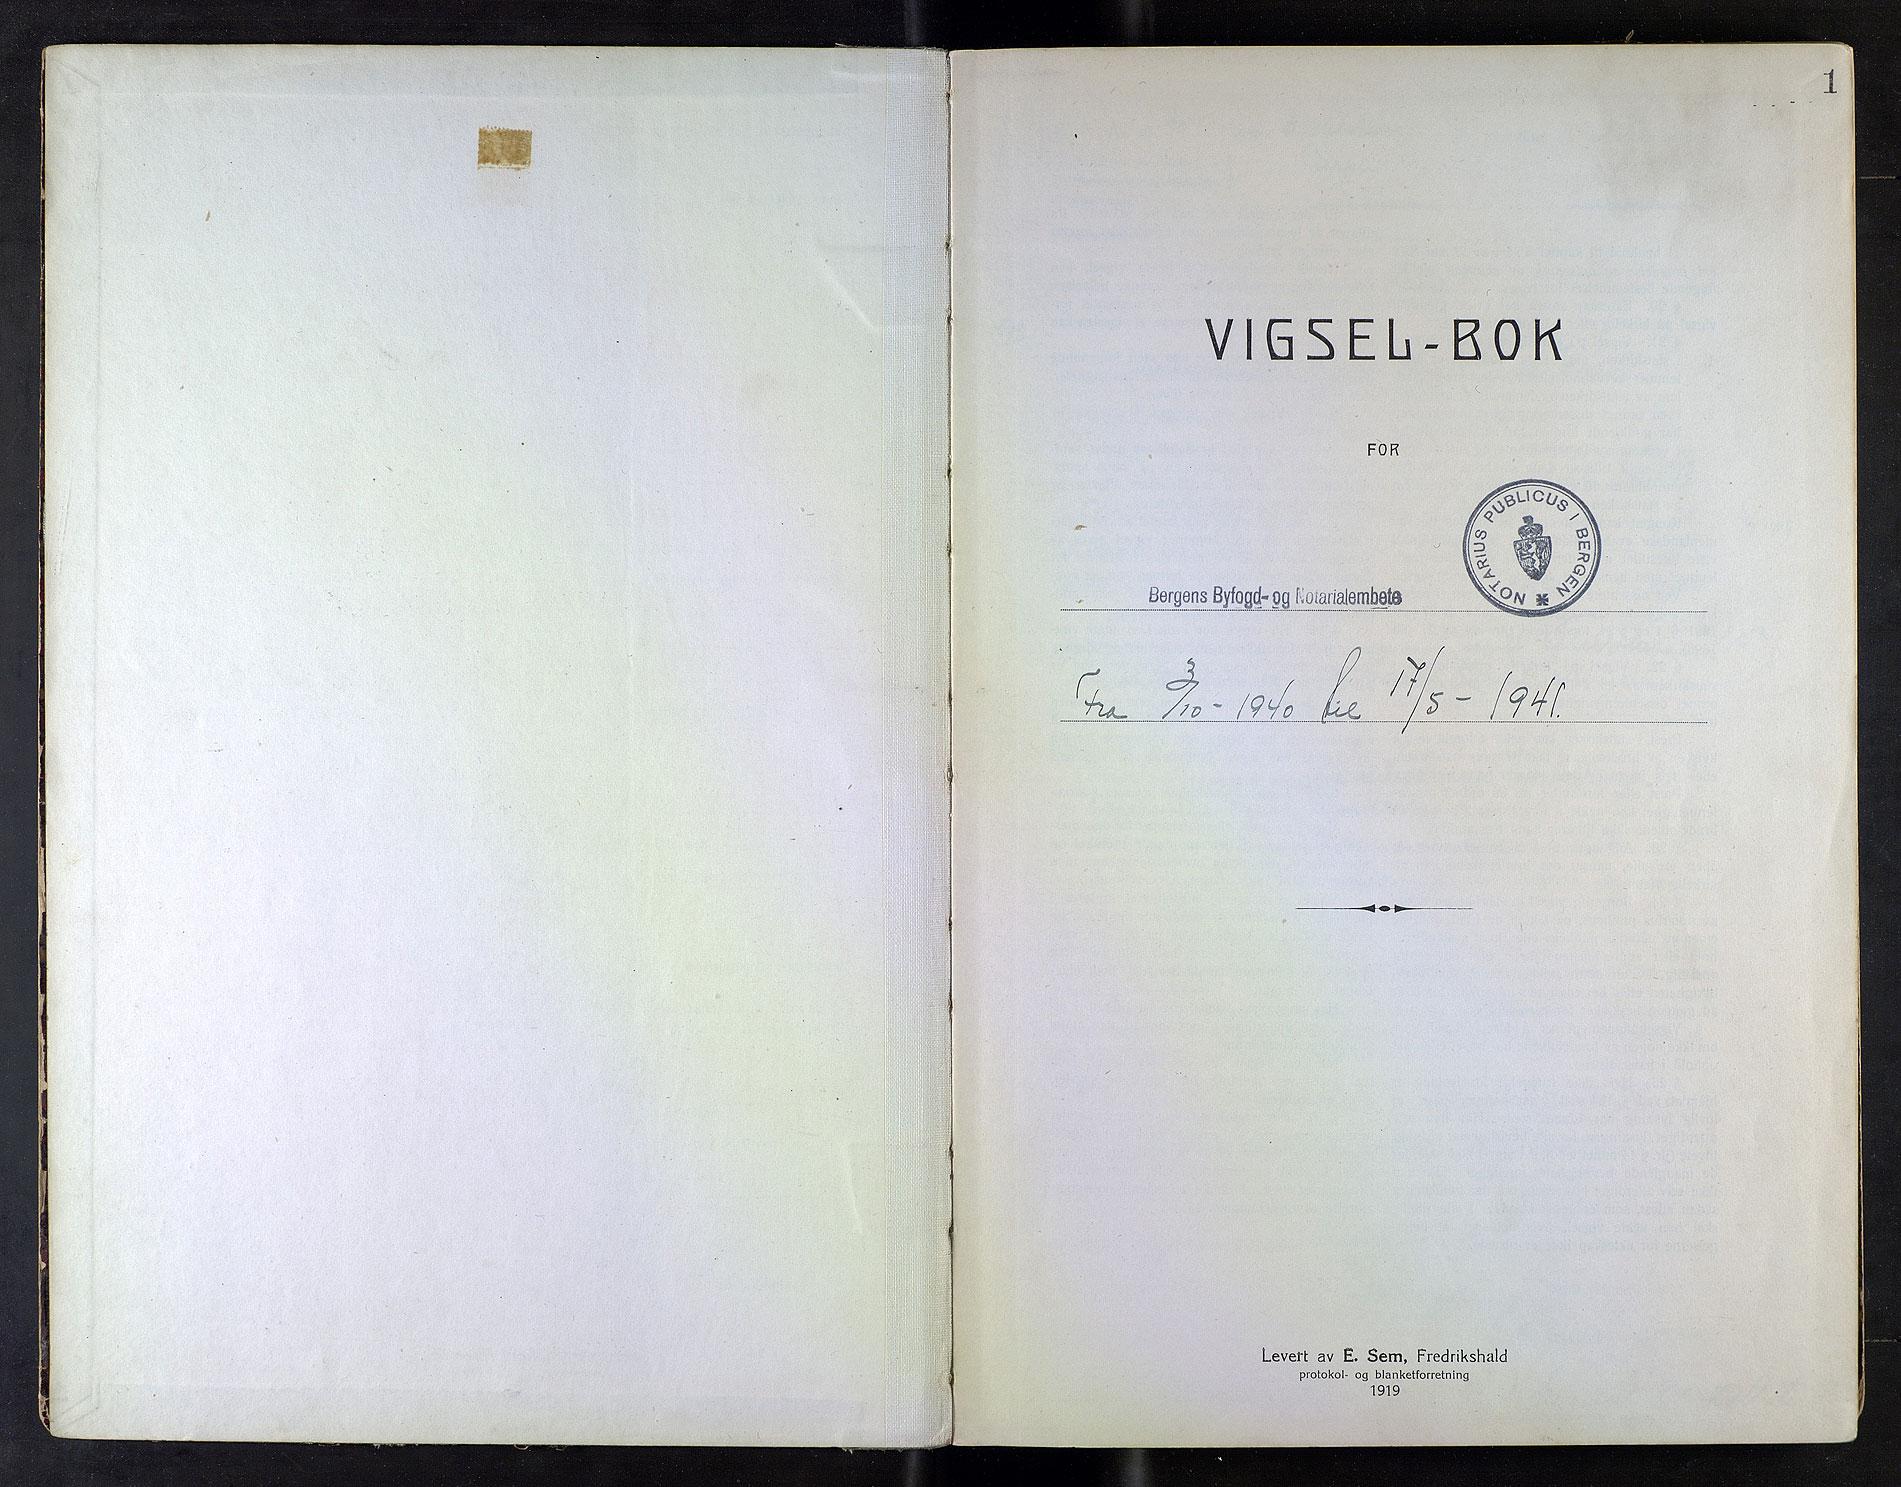 SAB, Bergen byfogd og byskriver*, 1940-1941, s. 1a